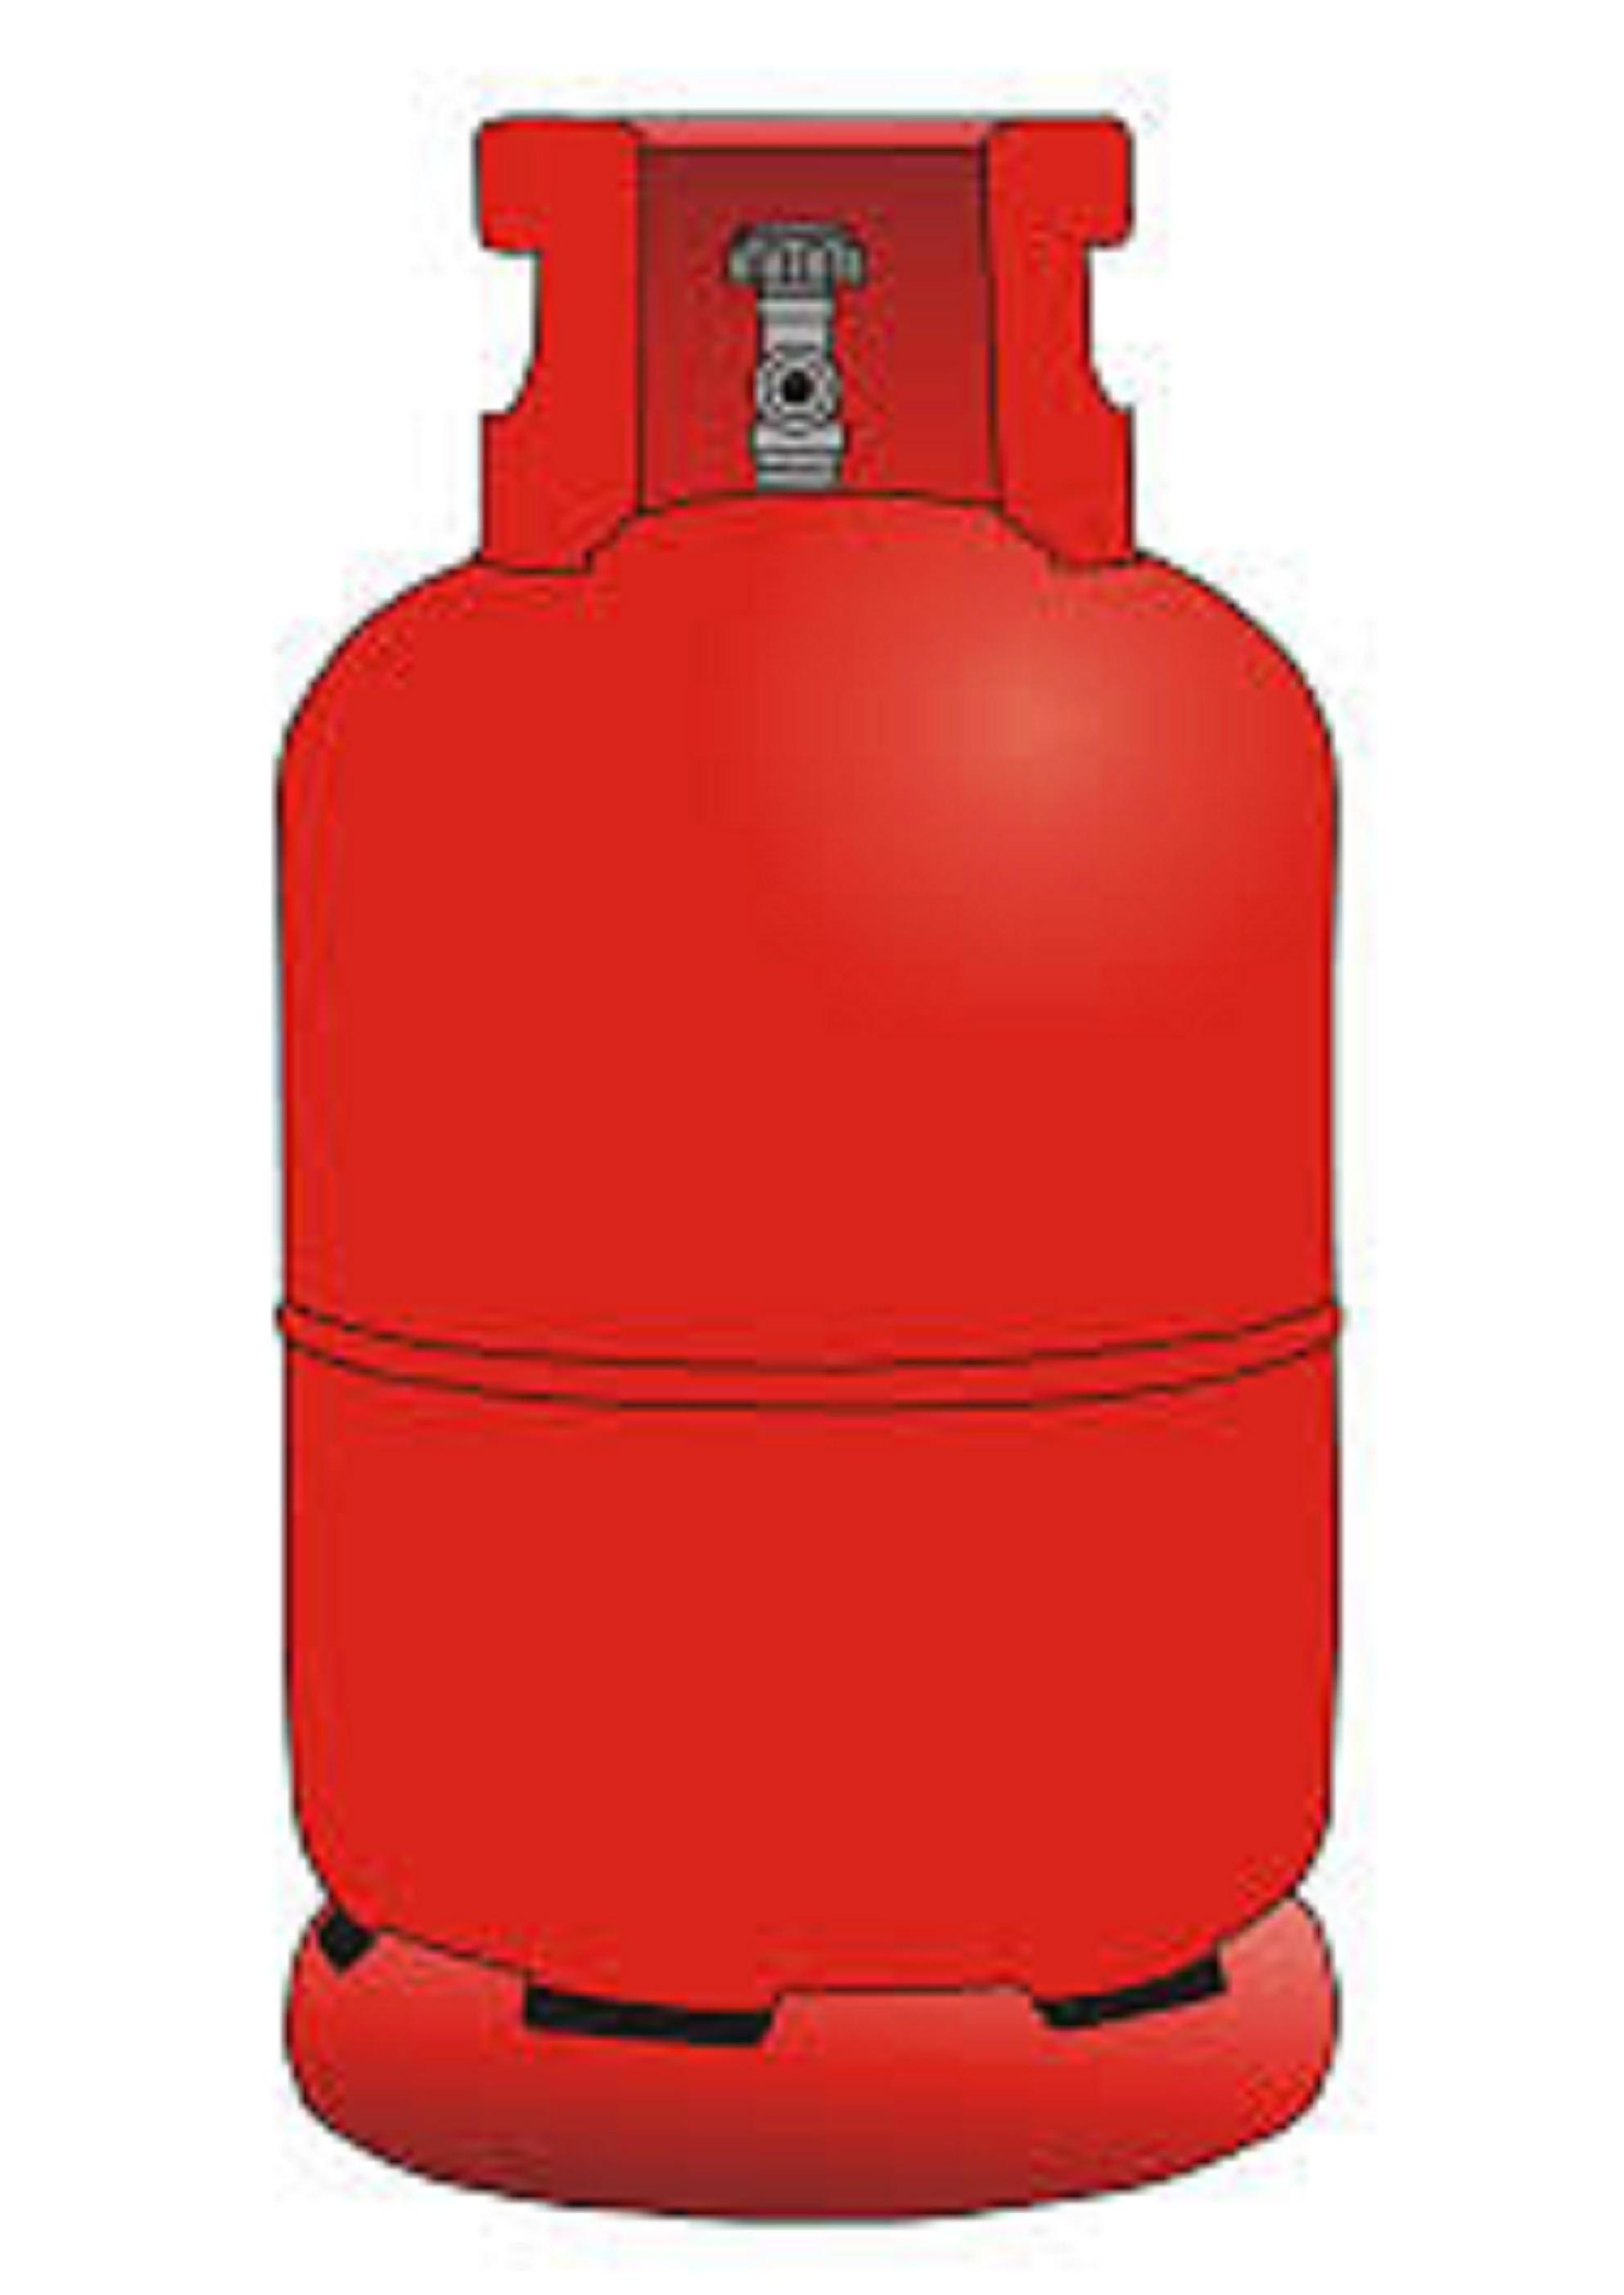 empty gas cylinder manufacturer in benin by ptl sarl id 1087306. Black Bedroom Furniture Sets. Home Design Ideas